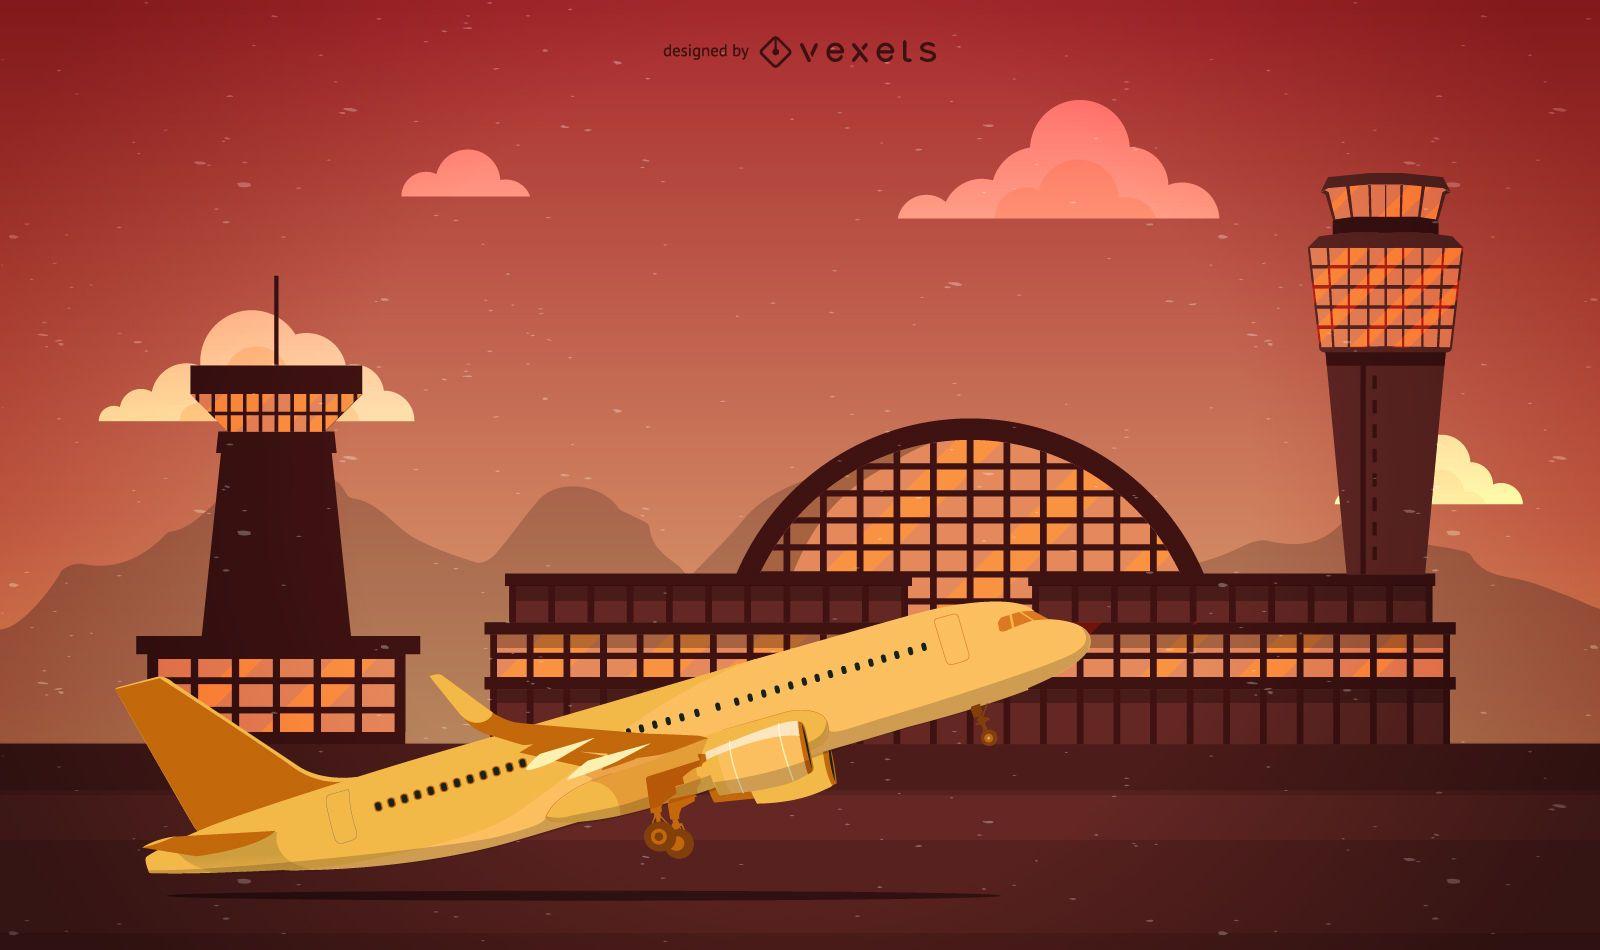 Ilustración del aeropuerto sobre una puesta de sol